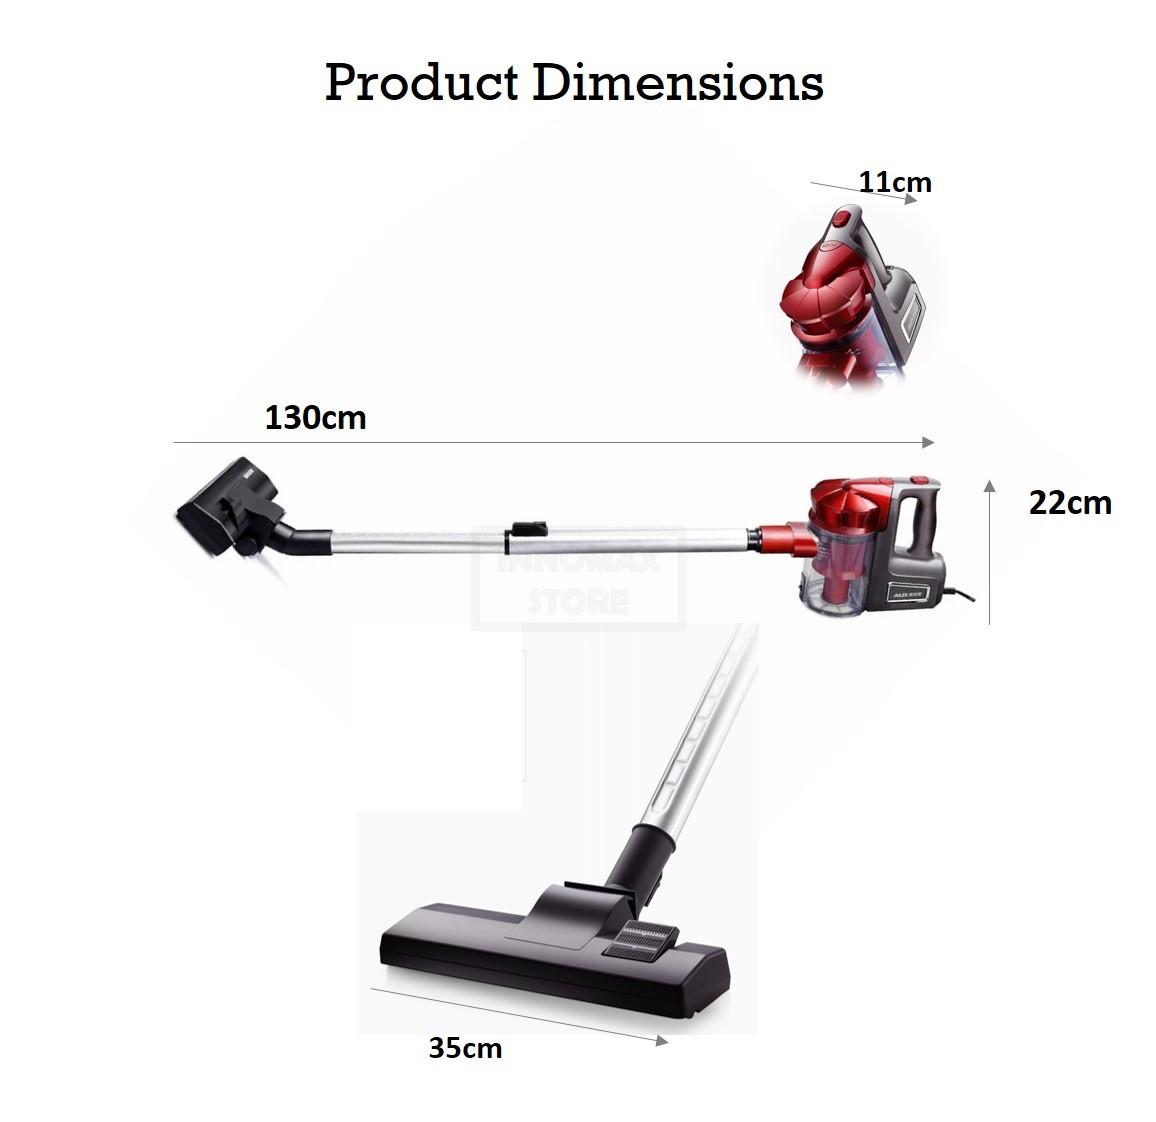 3in1 Cyclone Handheld Vacuum Cleaner (end 4/5/2021 12:00 AM)